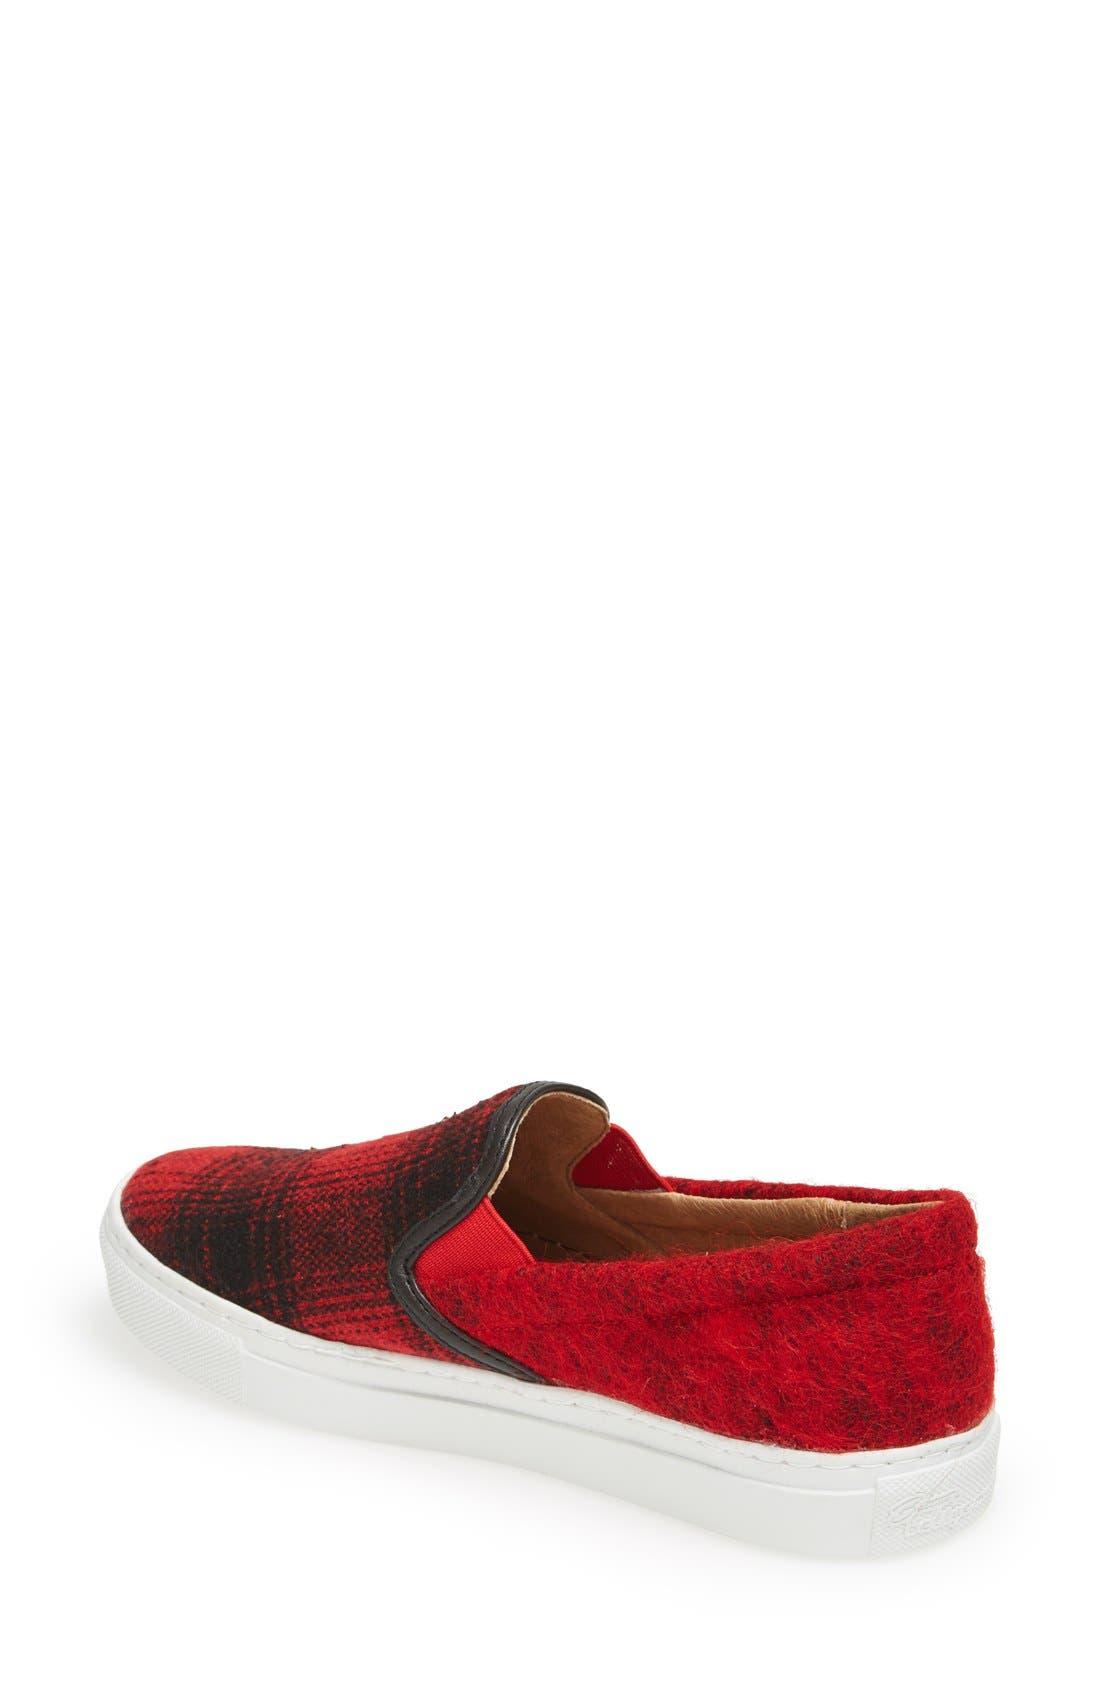 Alternate Image 2  - Bettye by Bettye Muller 'Bentley' Slip-On Sneaker (Women)